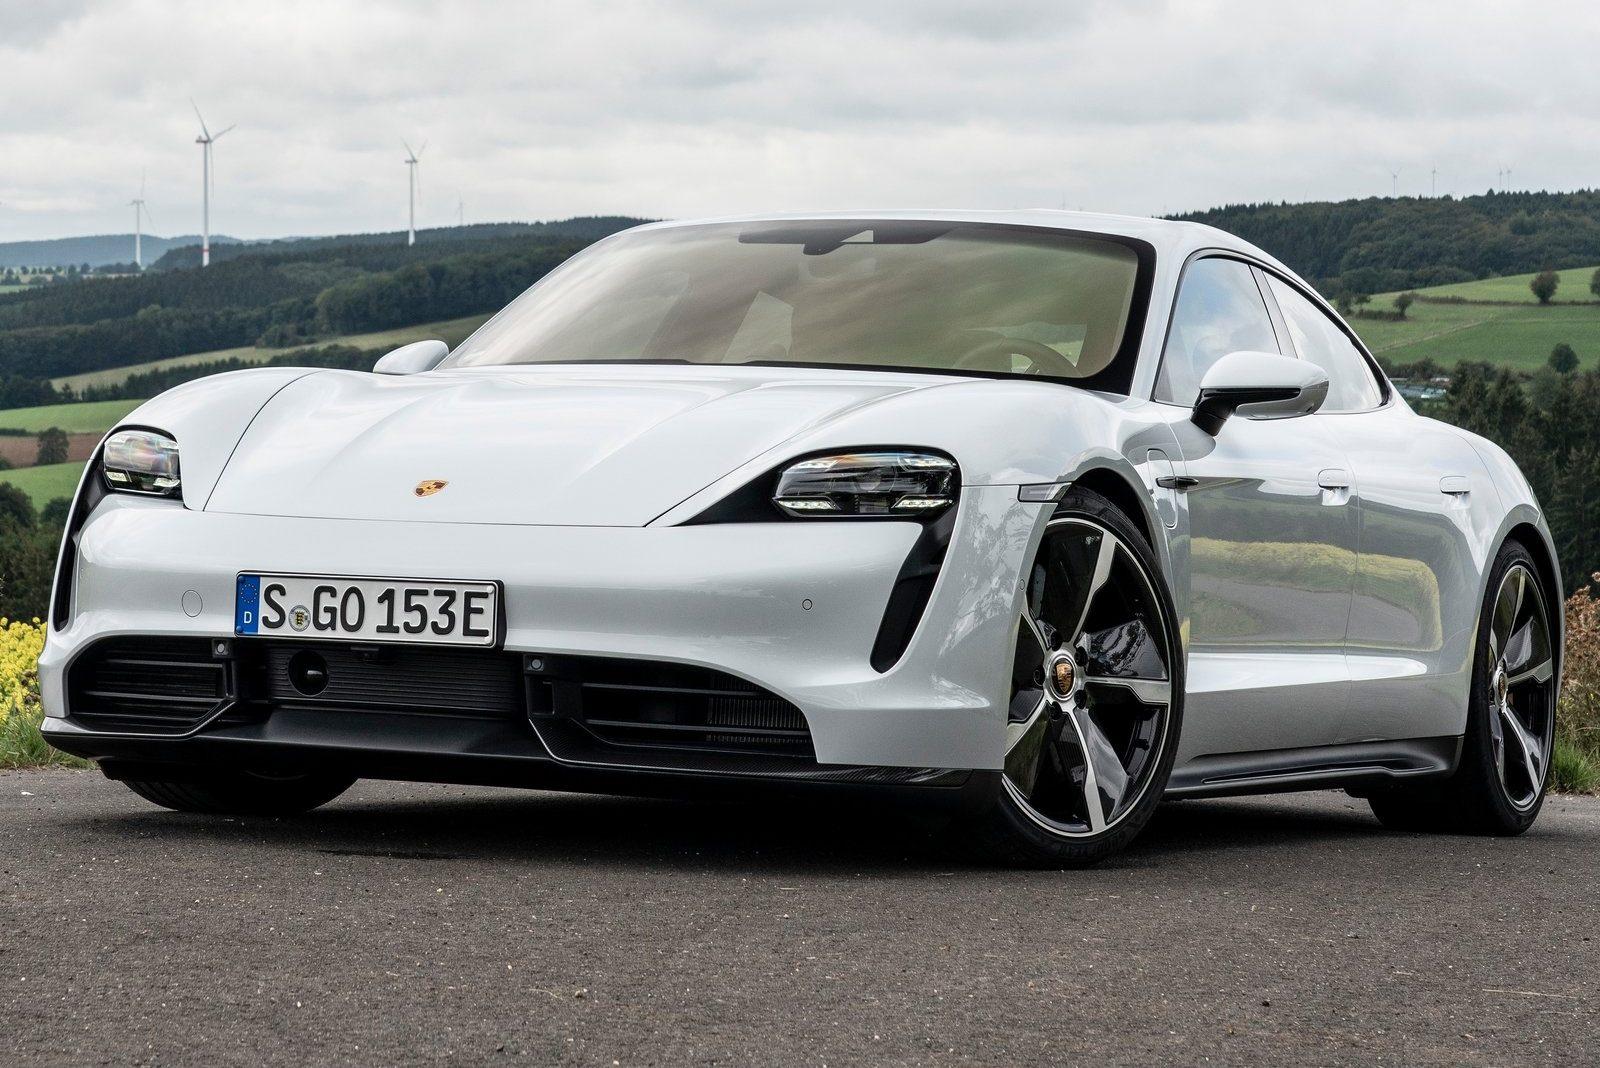 Porsche Taycan Chega Ao Brasil Em 2020 E Sera Mais Barato Que O Panamera Quatro Rodas